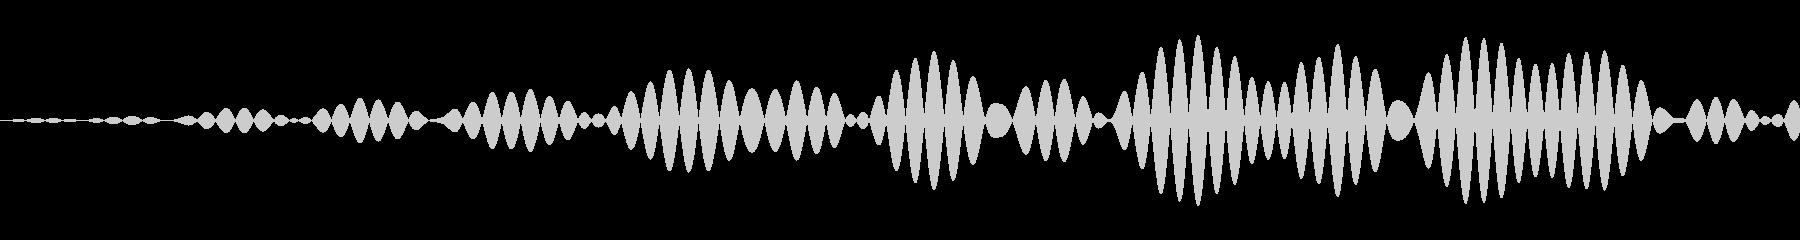 シンプルなキャンセル音2の未再生の波形